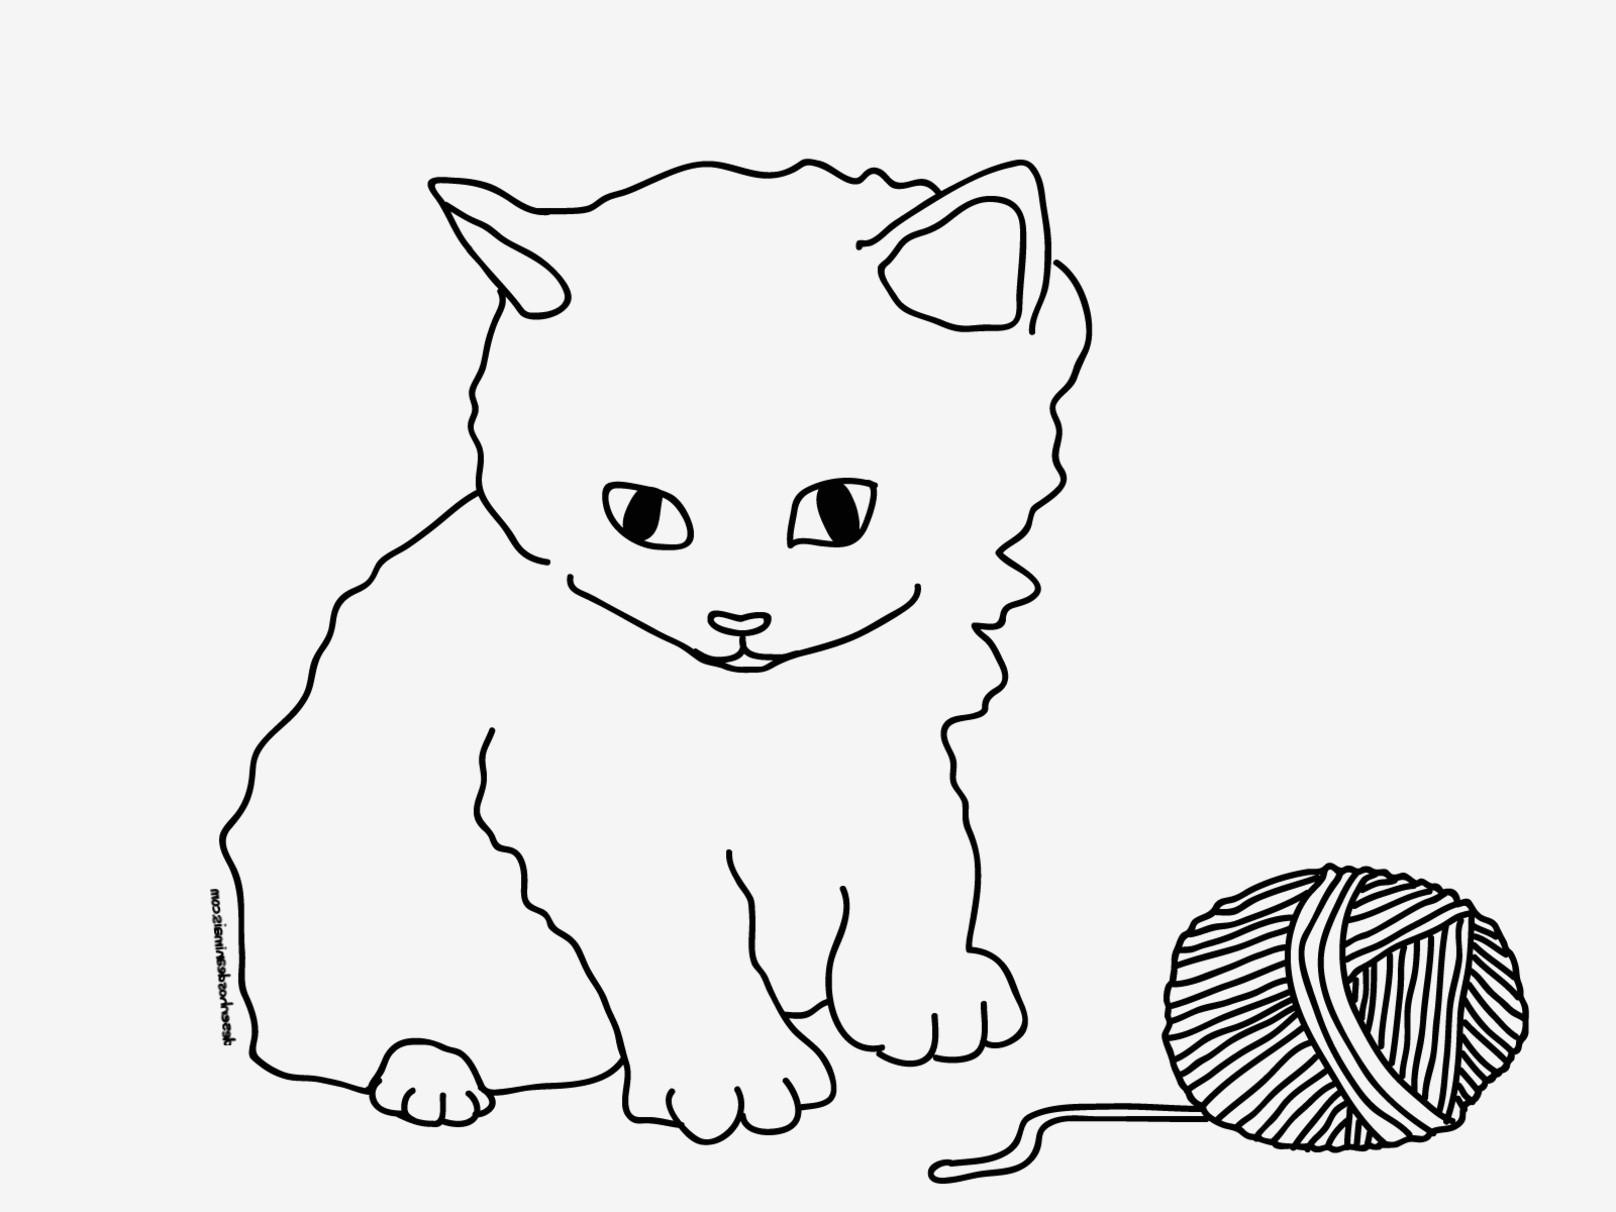 Ausmalbilder Hund Und Katze Neu Bildergalerie & Bilder Zum Ausmalen Ausmalbild Hund Katze Galerie